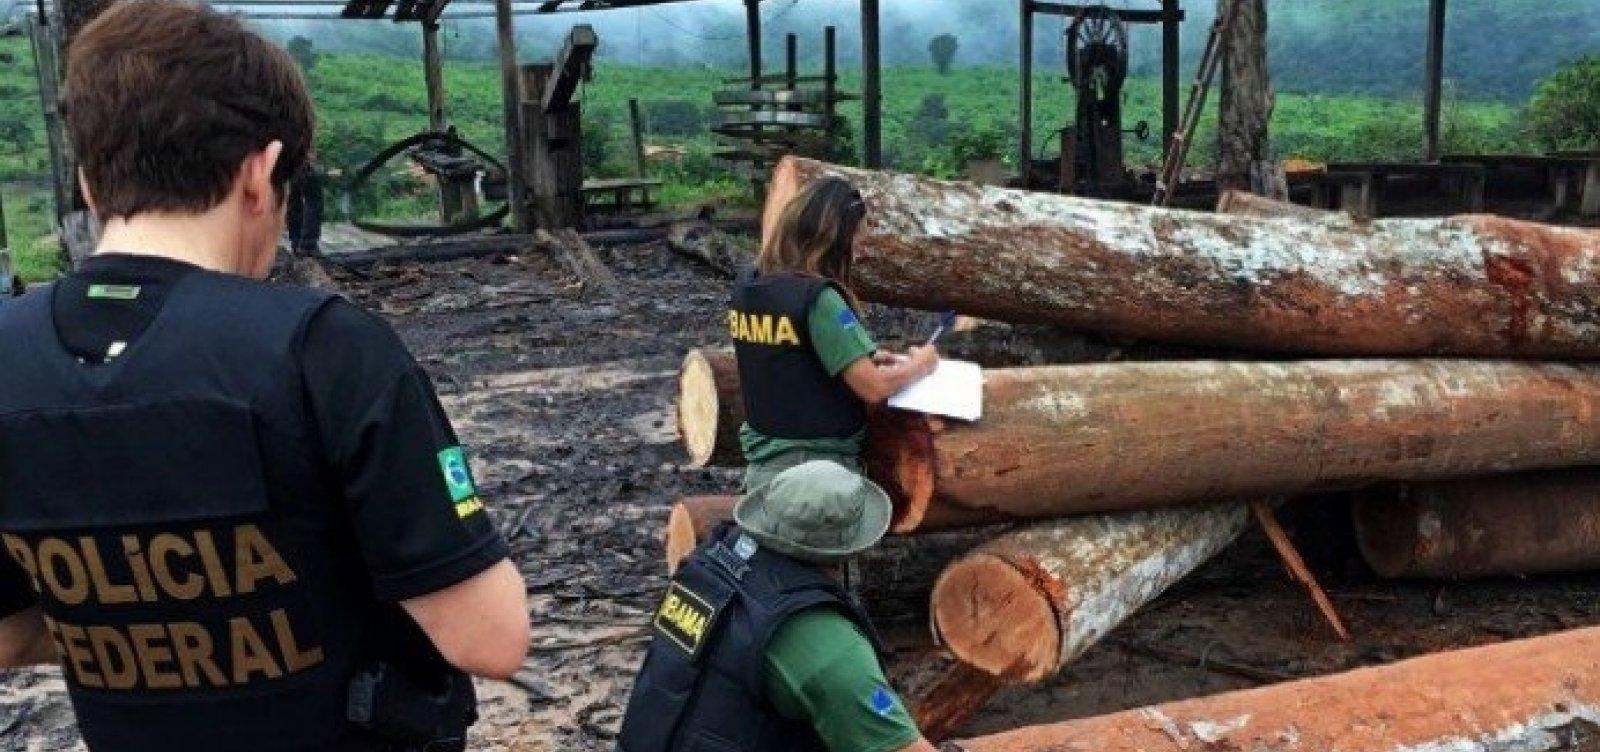 [Ações da PF indicam que Alemanha e França compraram madeira ilegal do Brasil, diz jornal ]